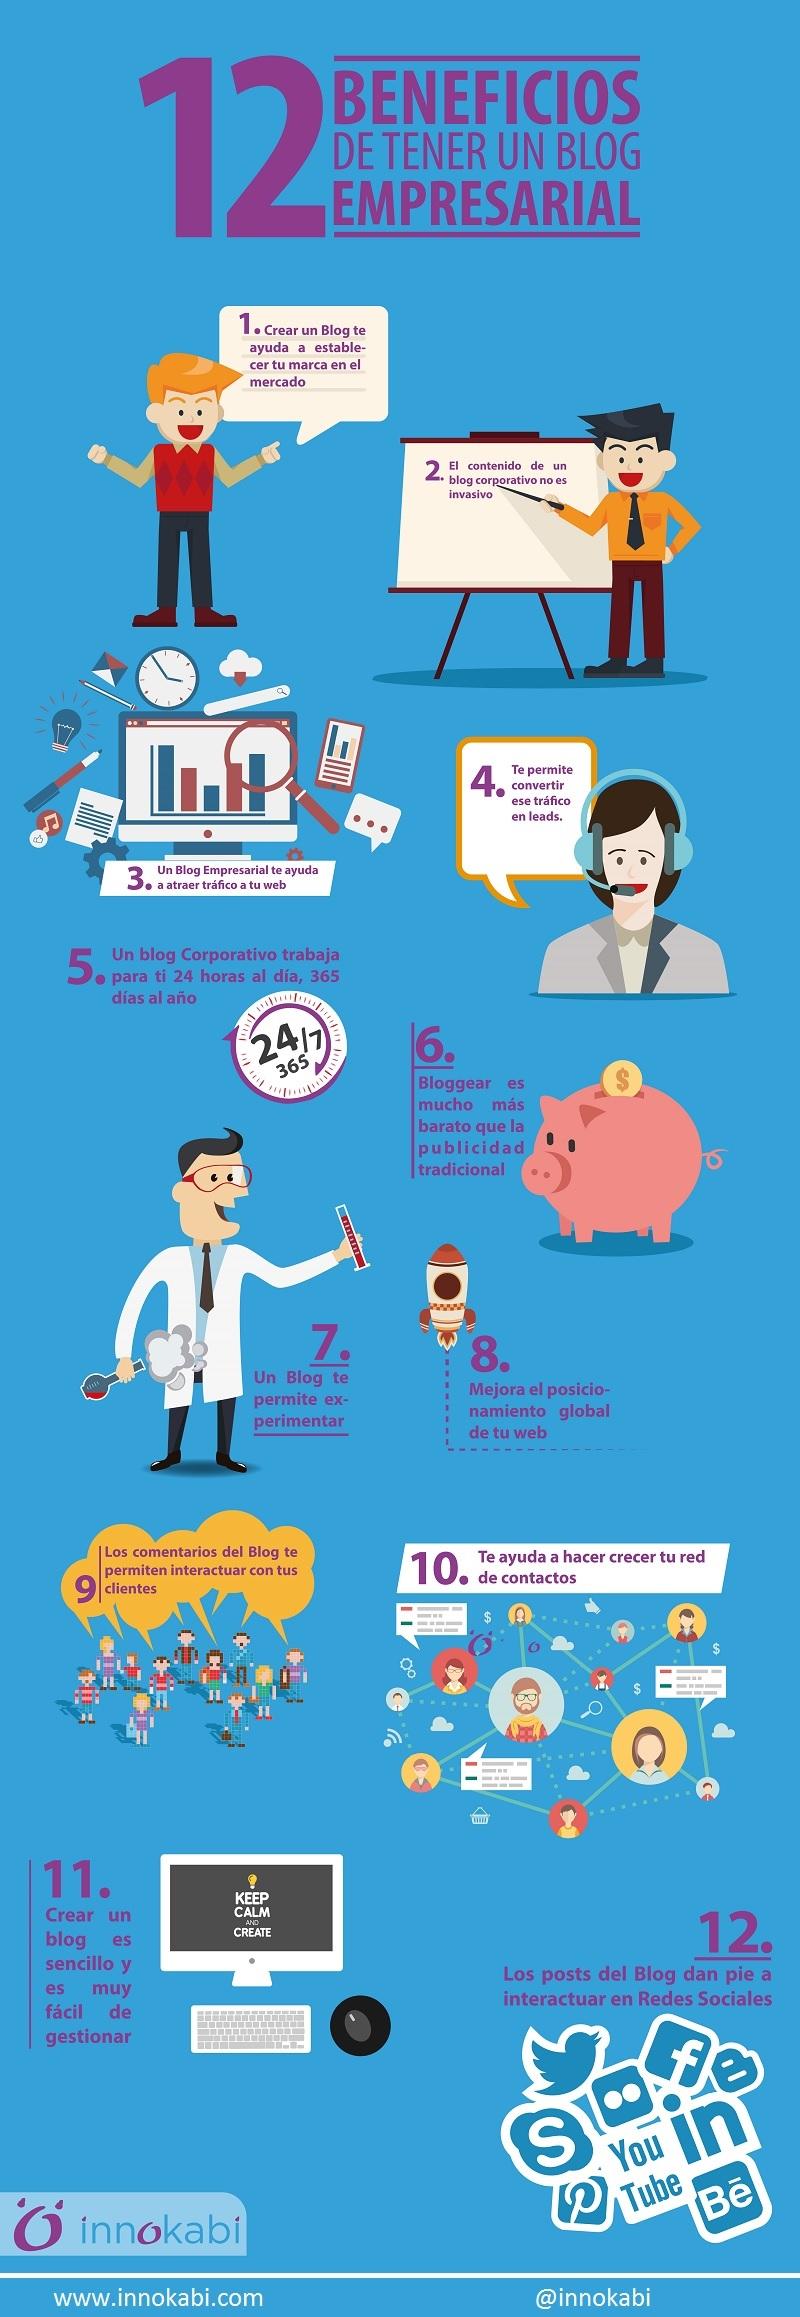 infografia beneficios de un blog de empresa